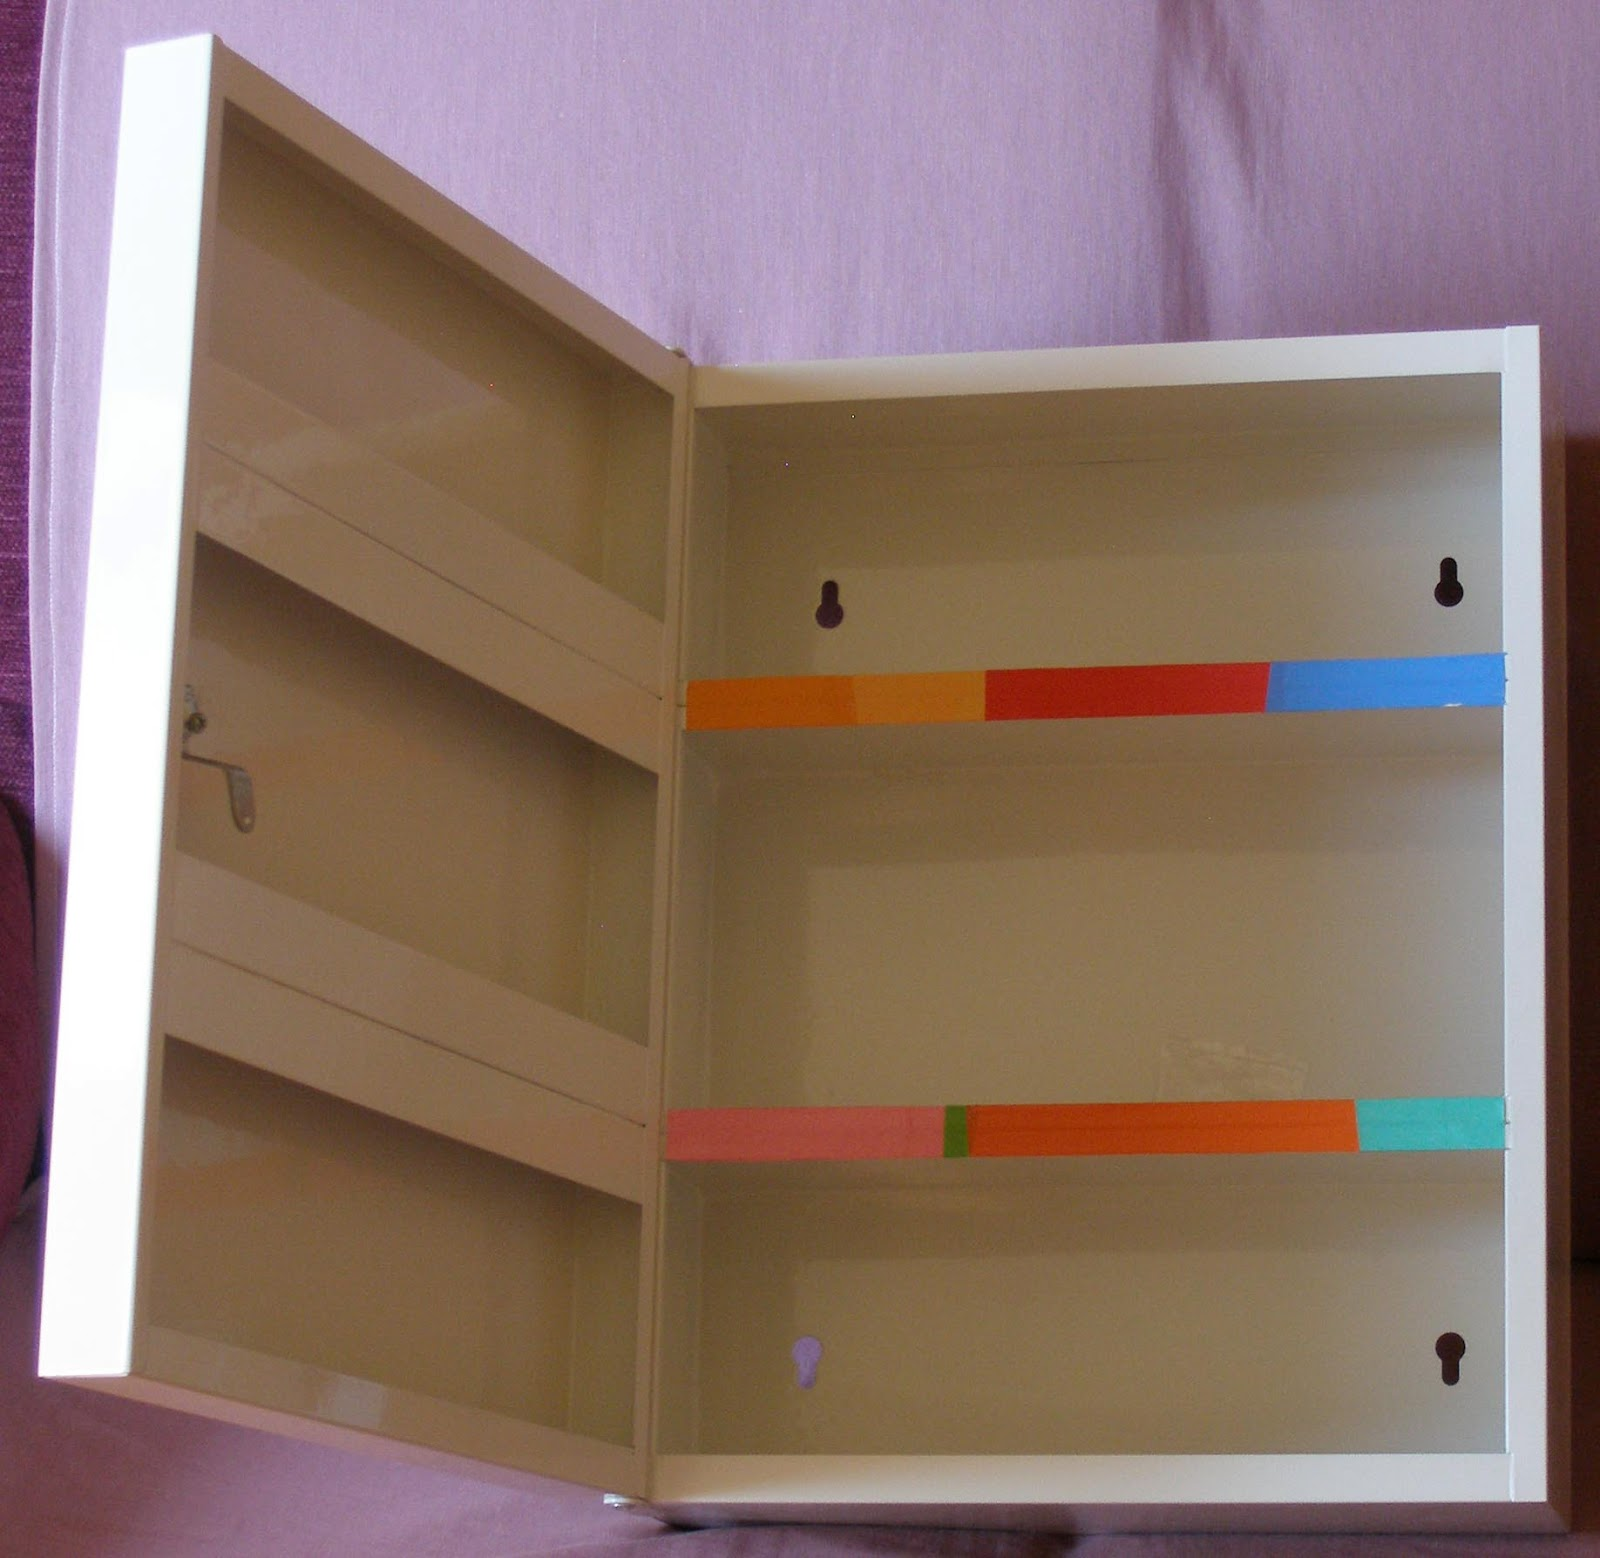 En total consta de cuatro estantes adecuados para botecitos y cajas de pequeño tamaño, y como se puede observar en la imagen, es posible colgarlo en la pared.